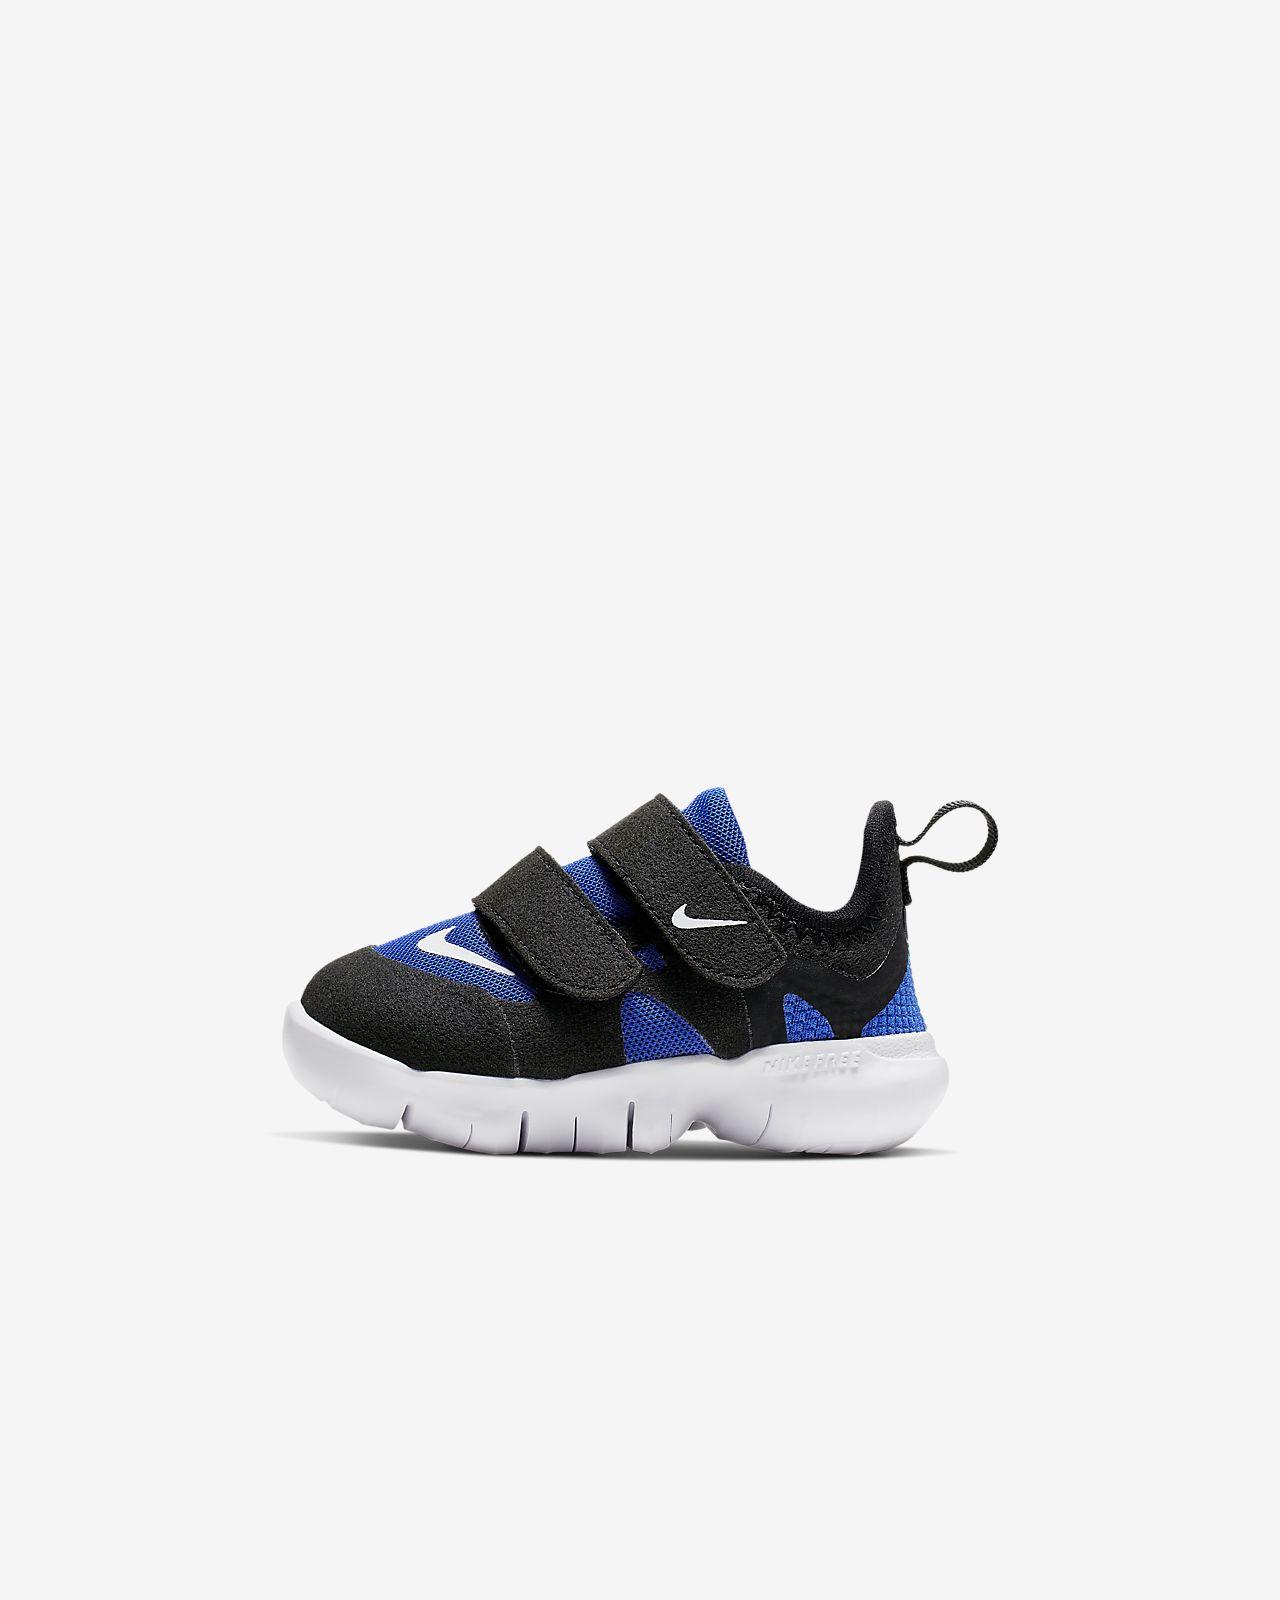 Παπούτσι Nike Free RN 5.0 για βρέφη και νήπια